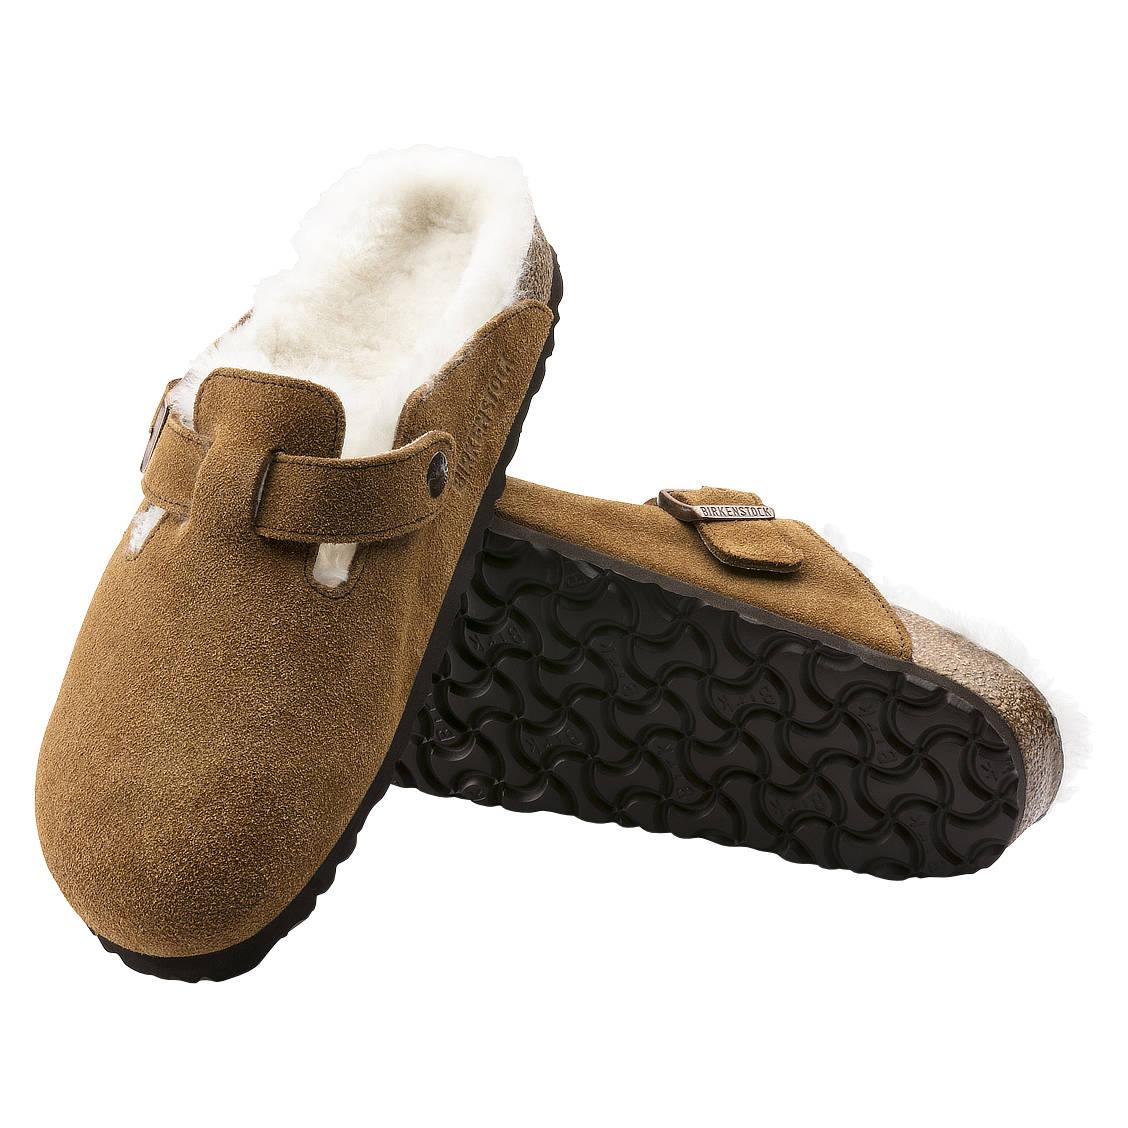 birkenstock-1001140_1001141_sole